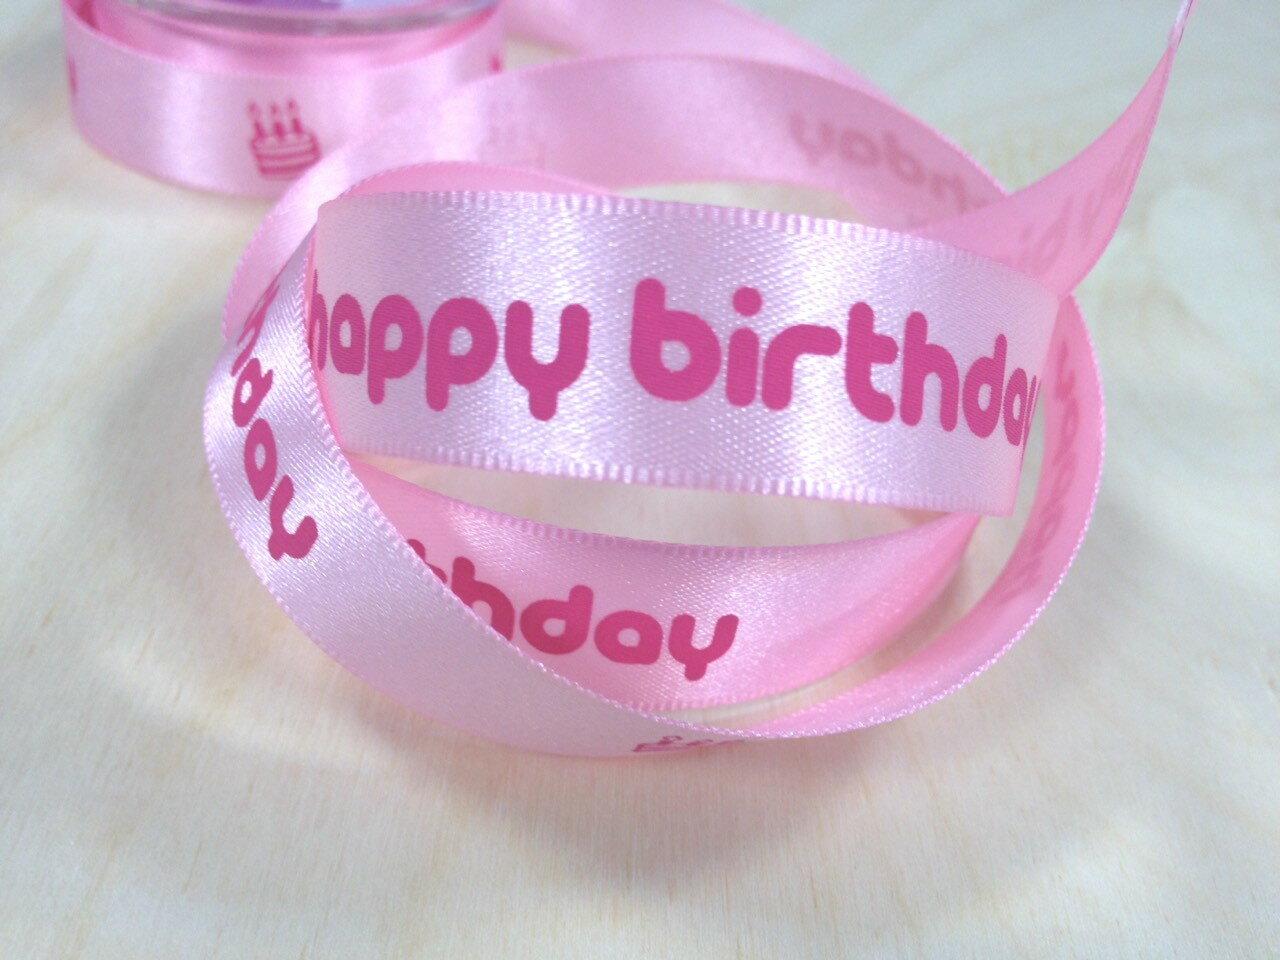 雙面緞緞帶生日快樂-許願蛋糕 15mm 3碼 (10色) 2